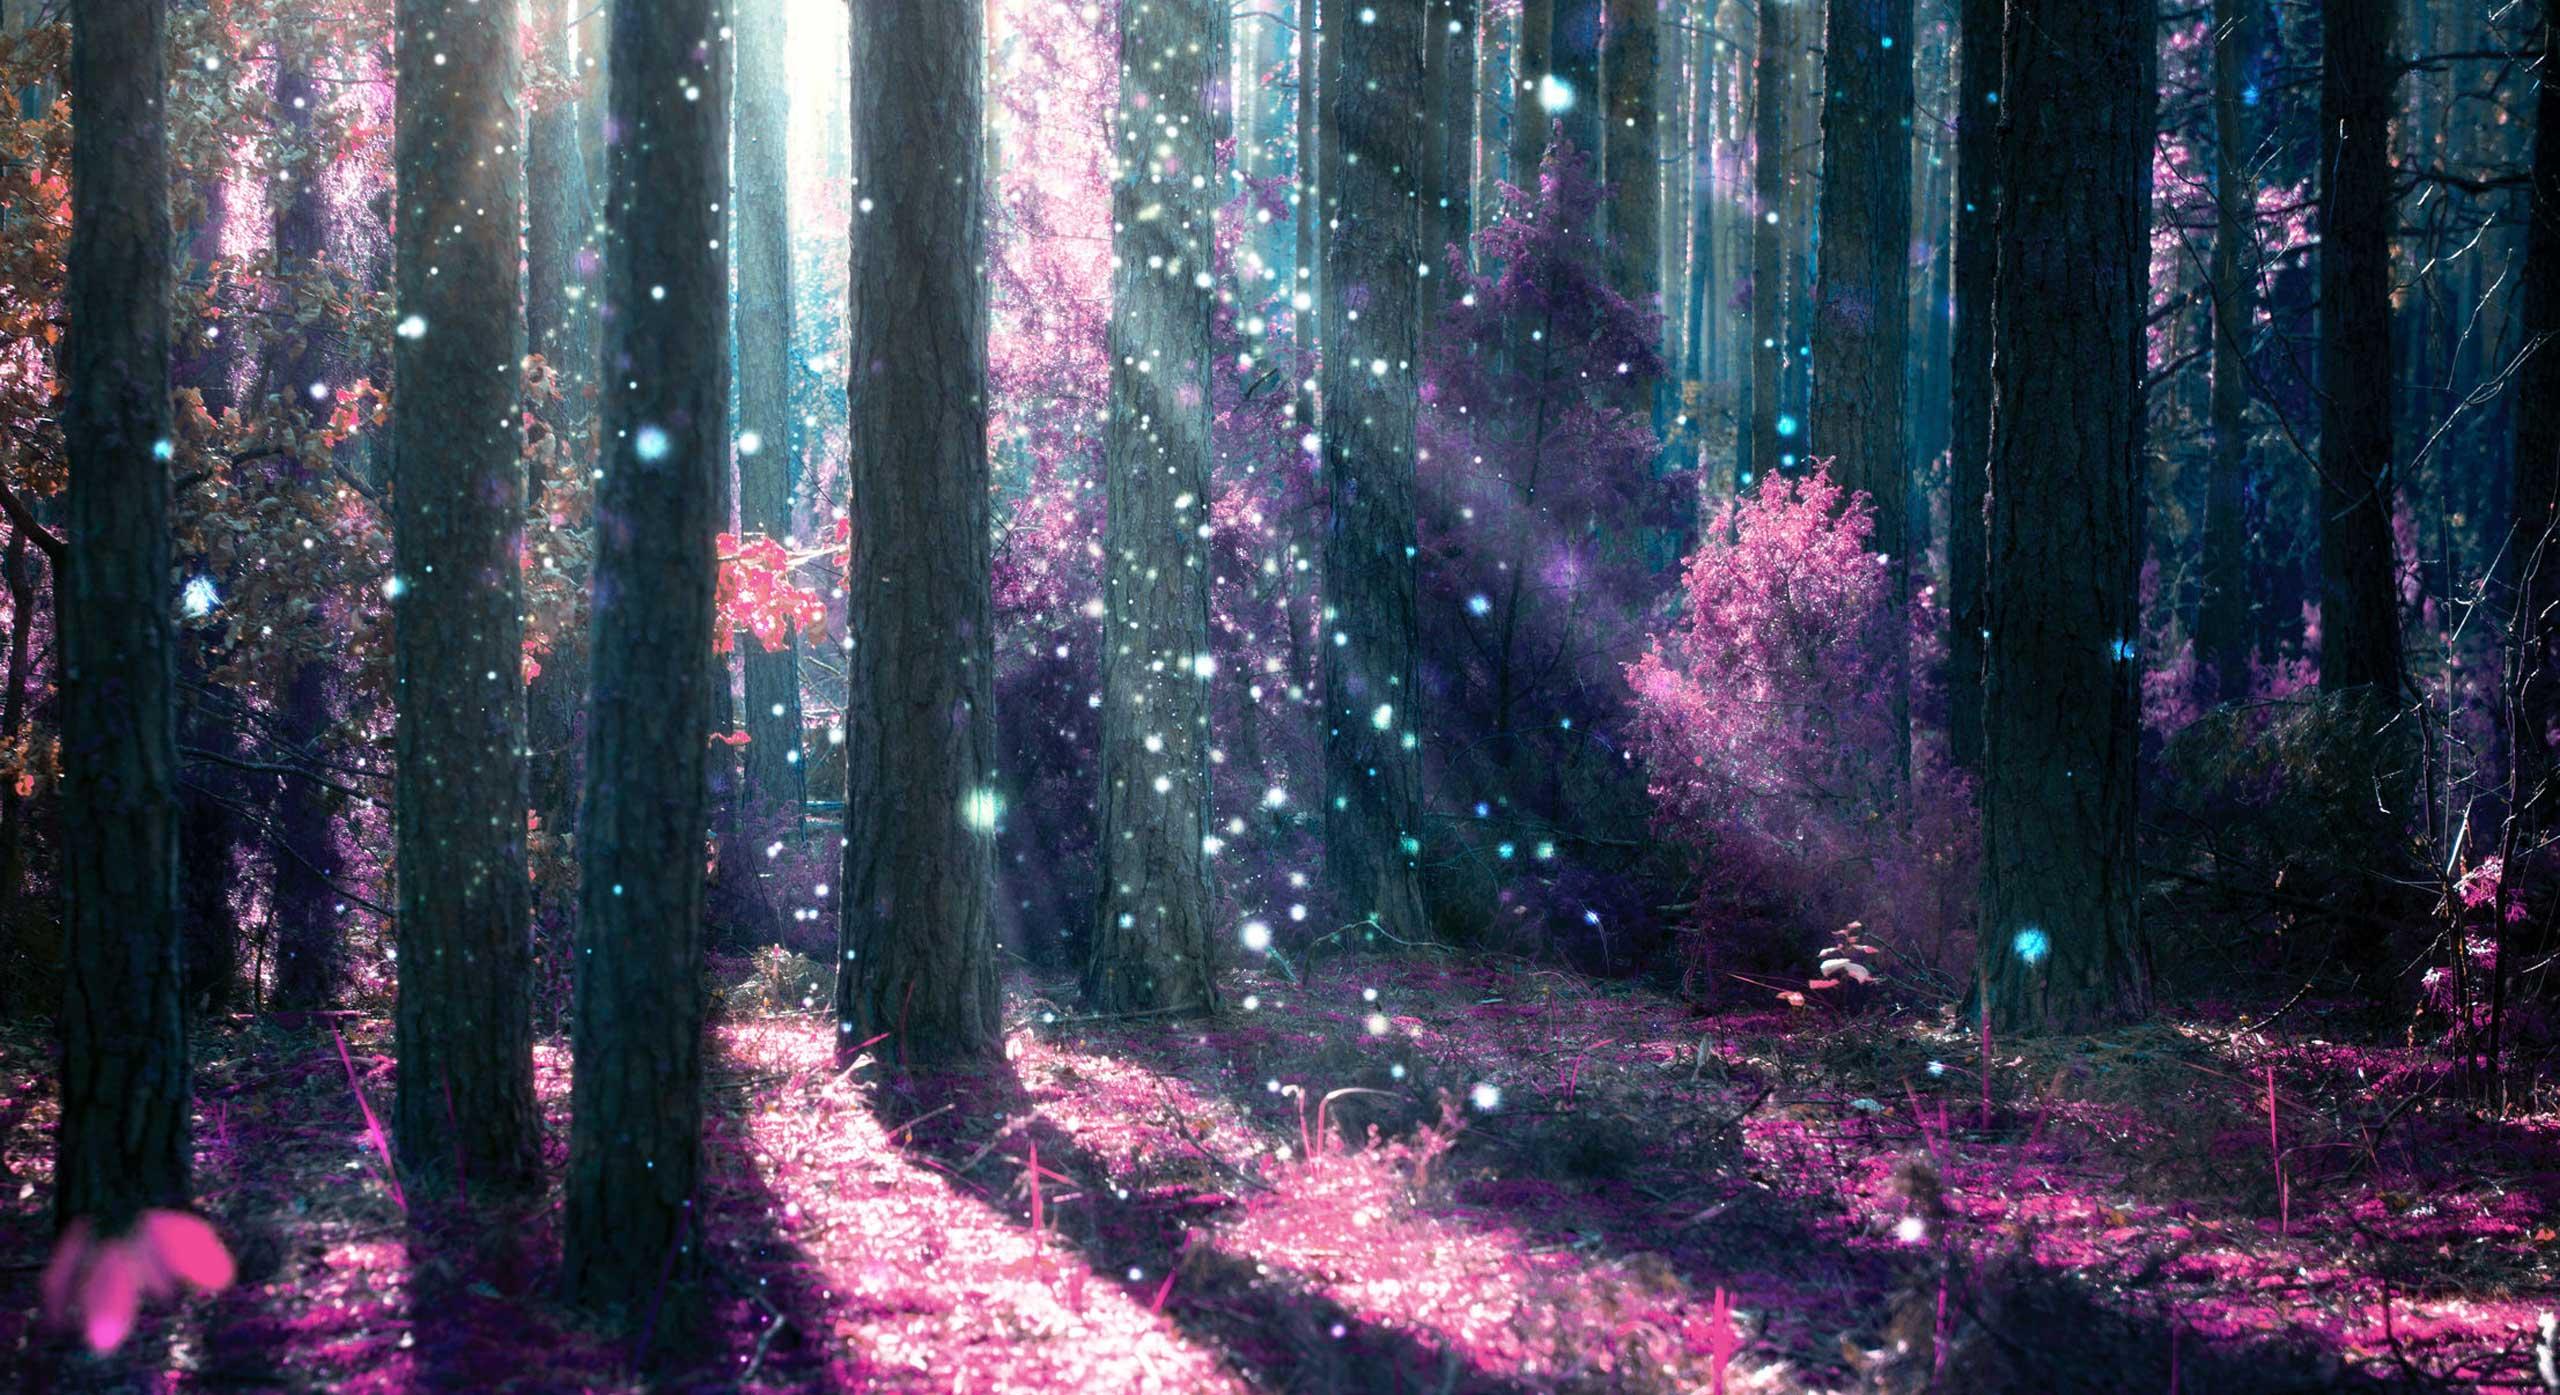 fairyforest_1